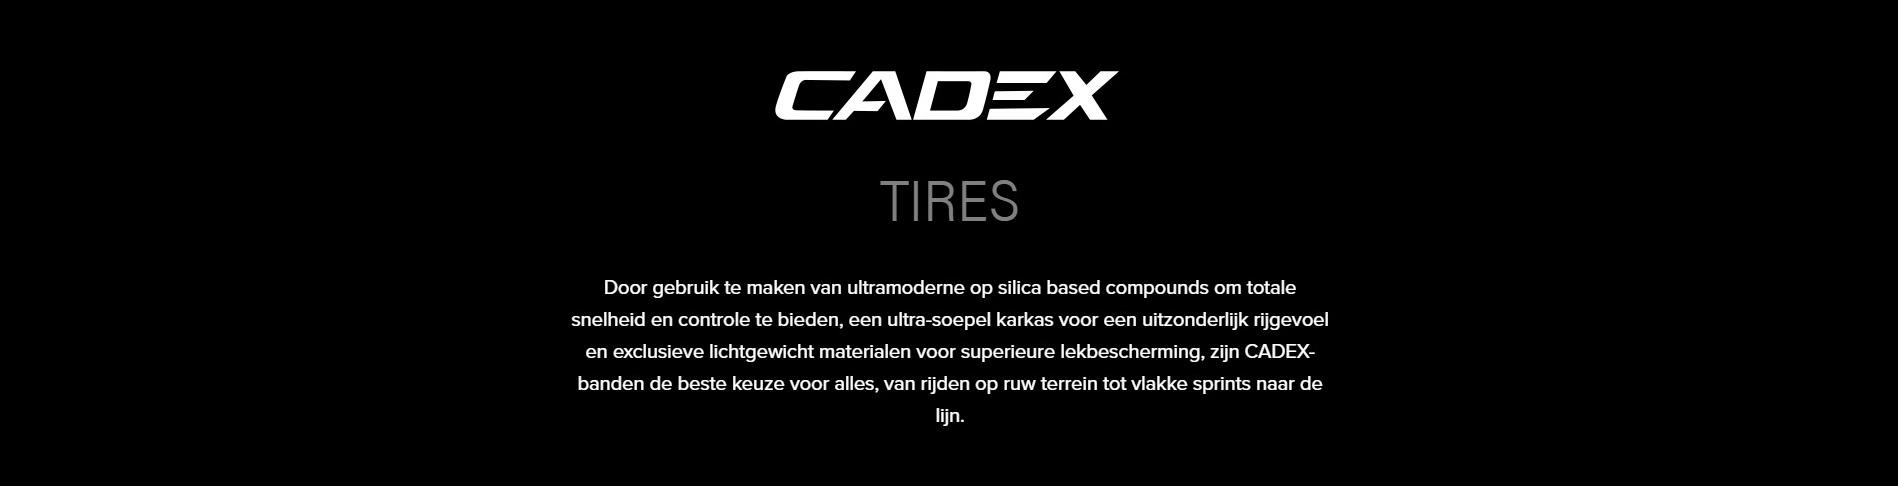 Cadex banden